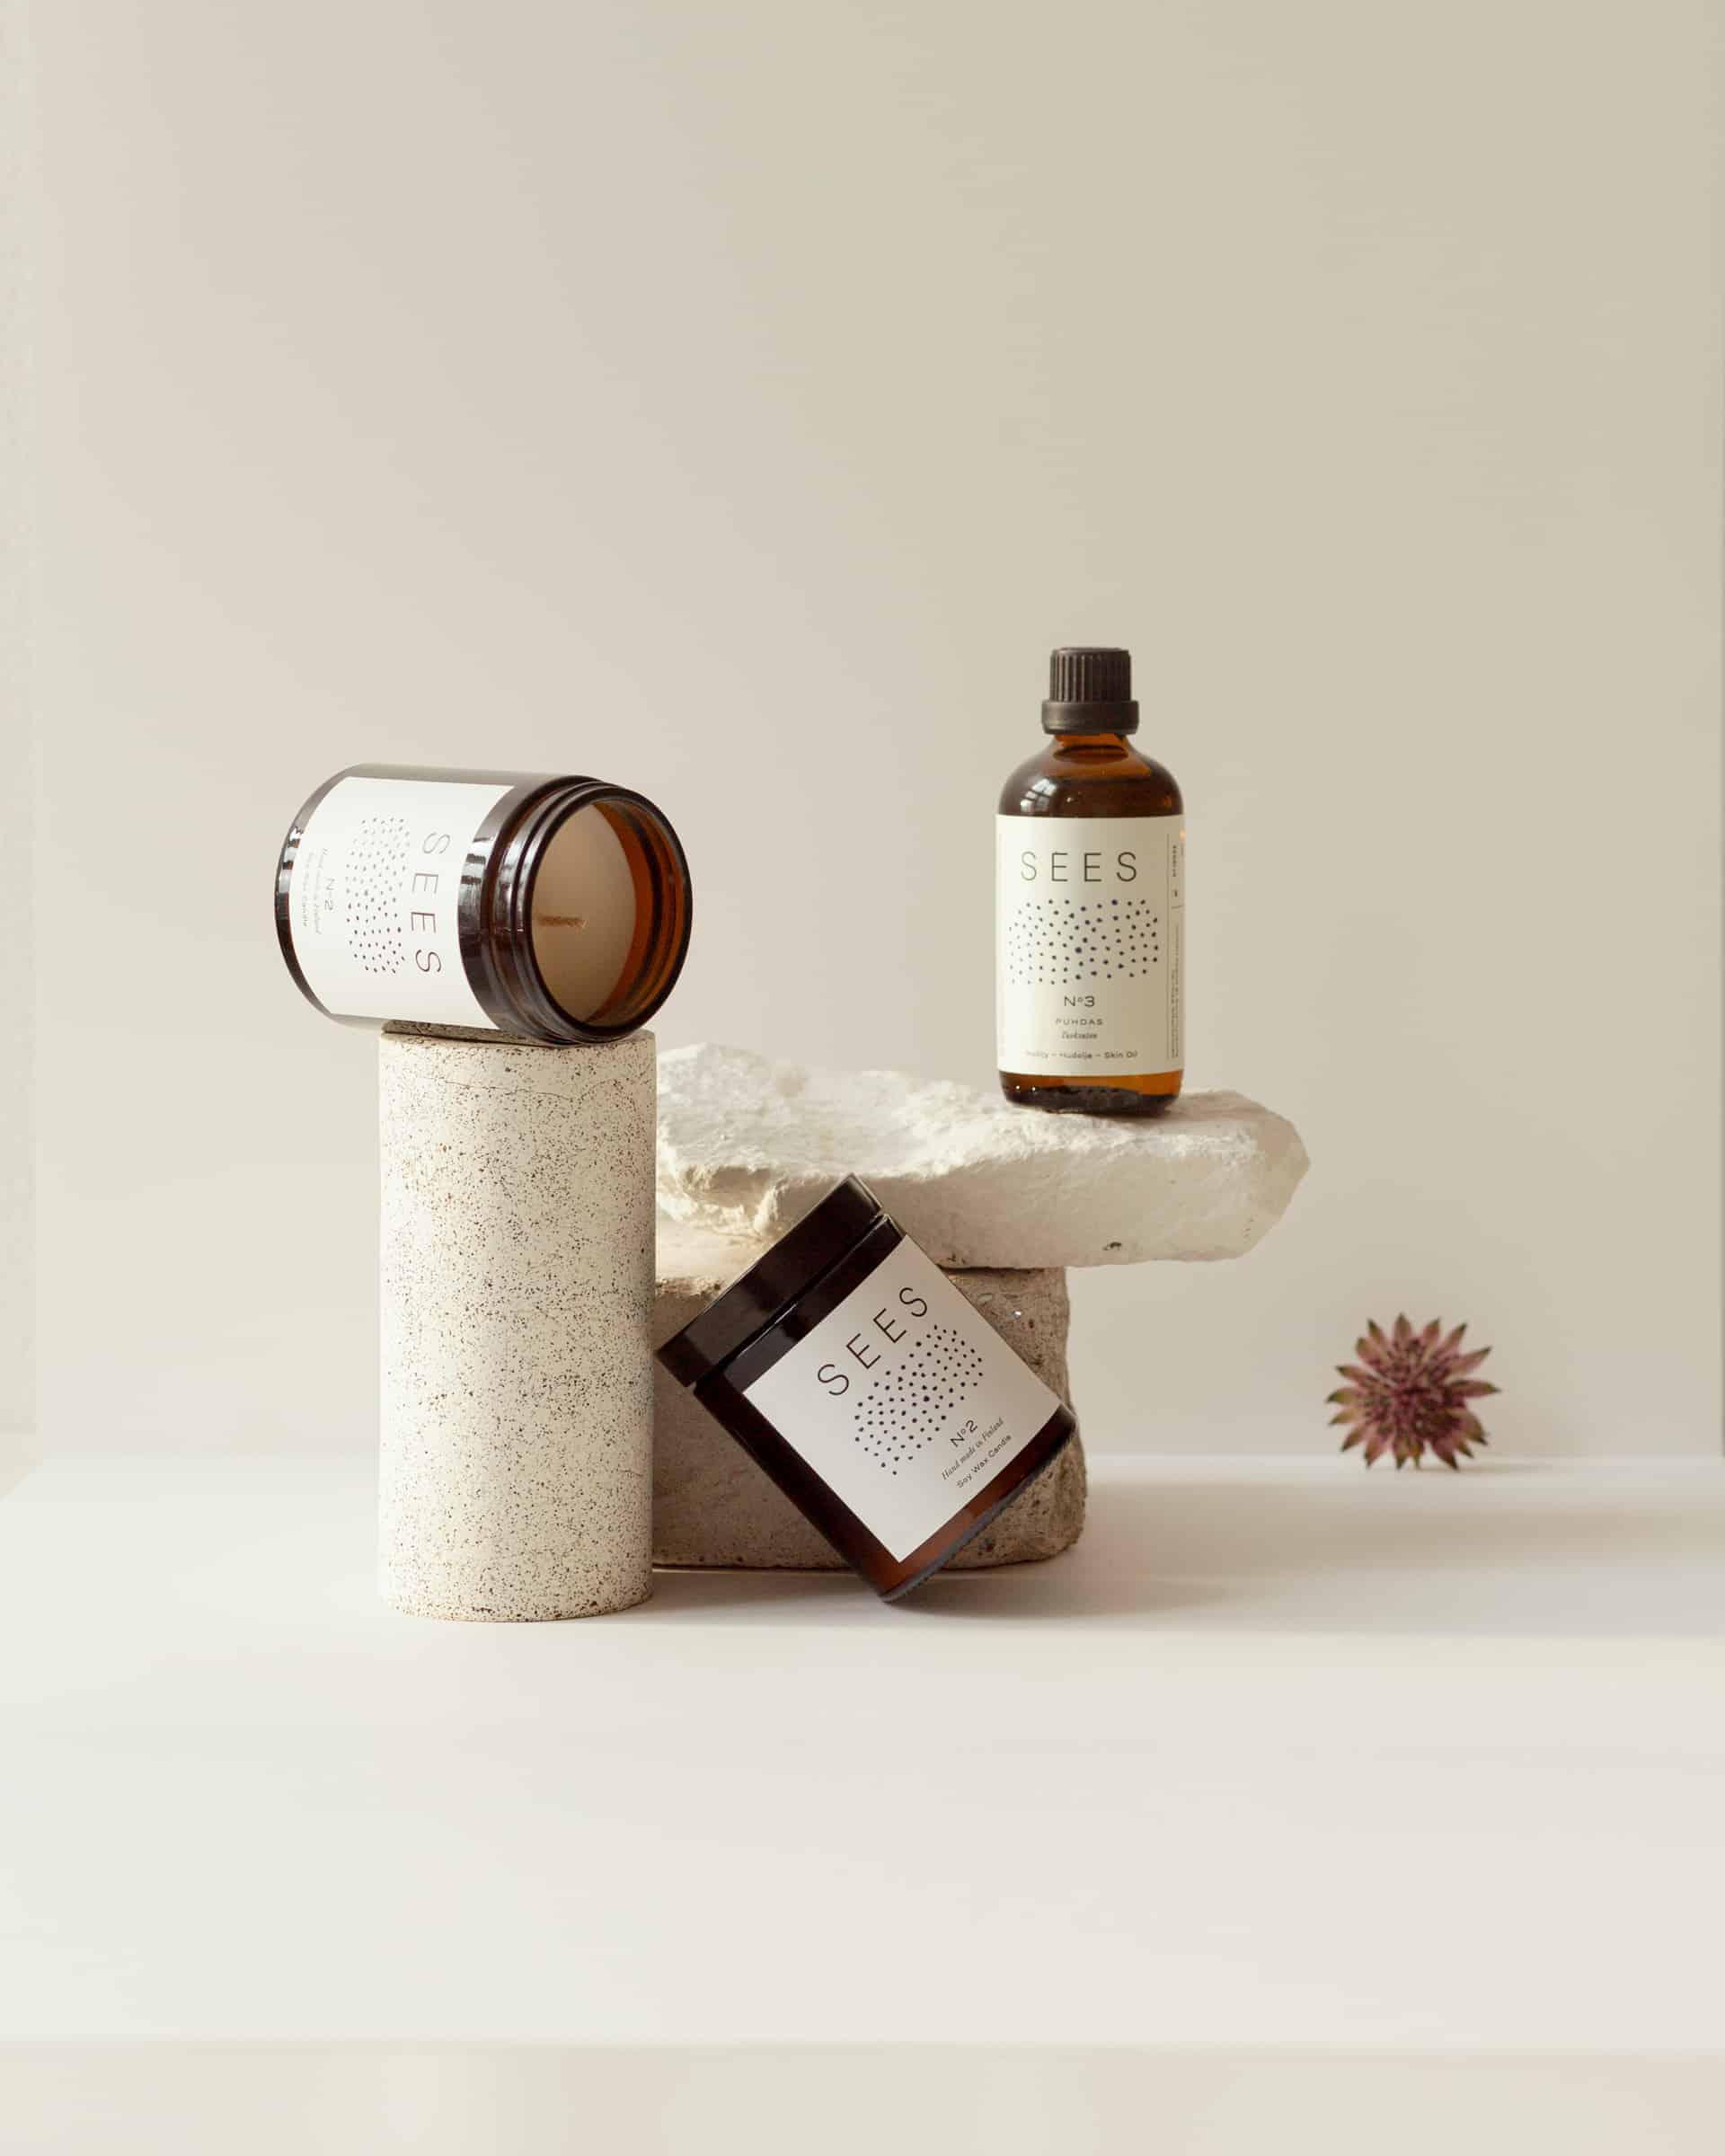 tuoksuton ihoöljy ja tuoksuton soijavahakynttilä hajusteeton puhdas kynttilä